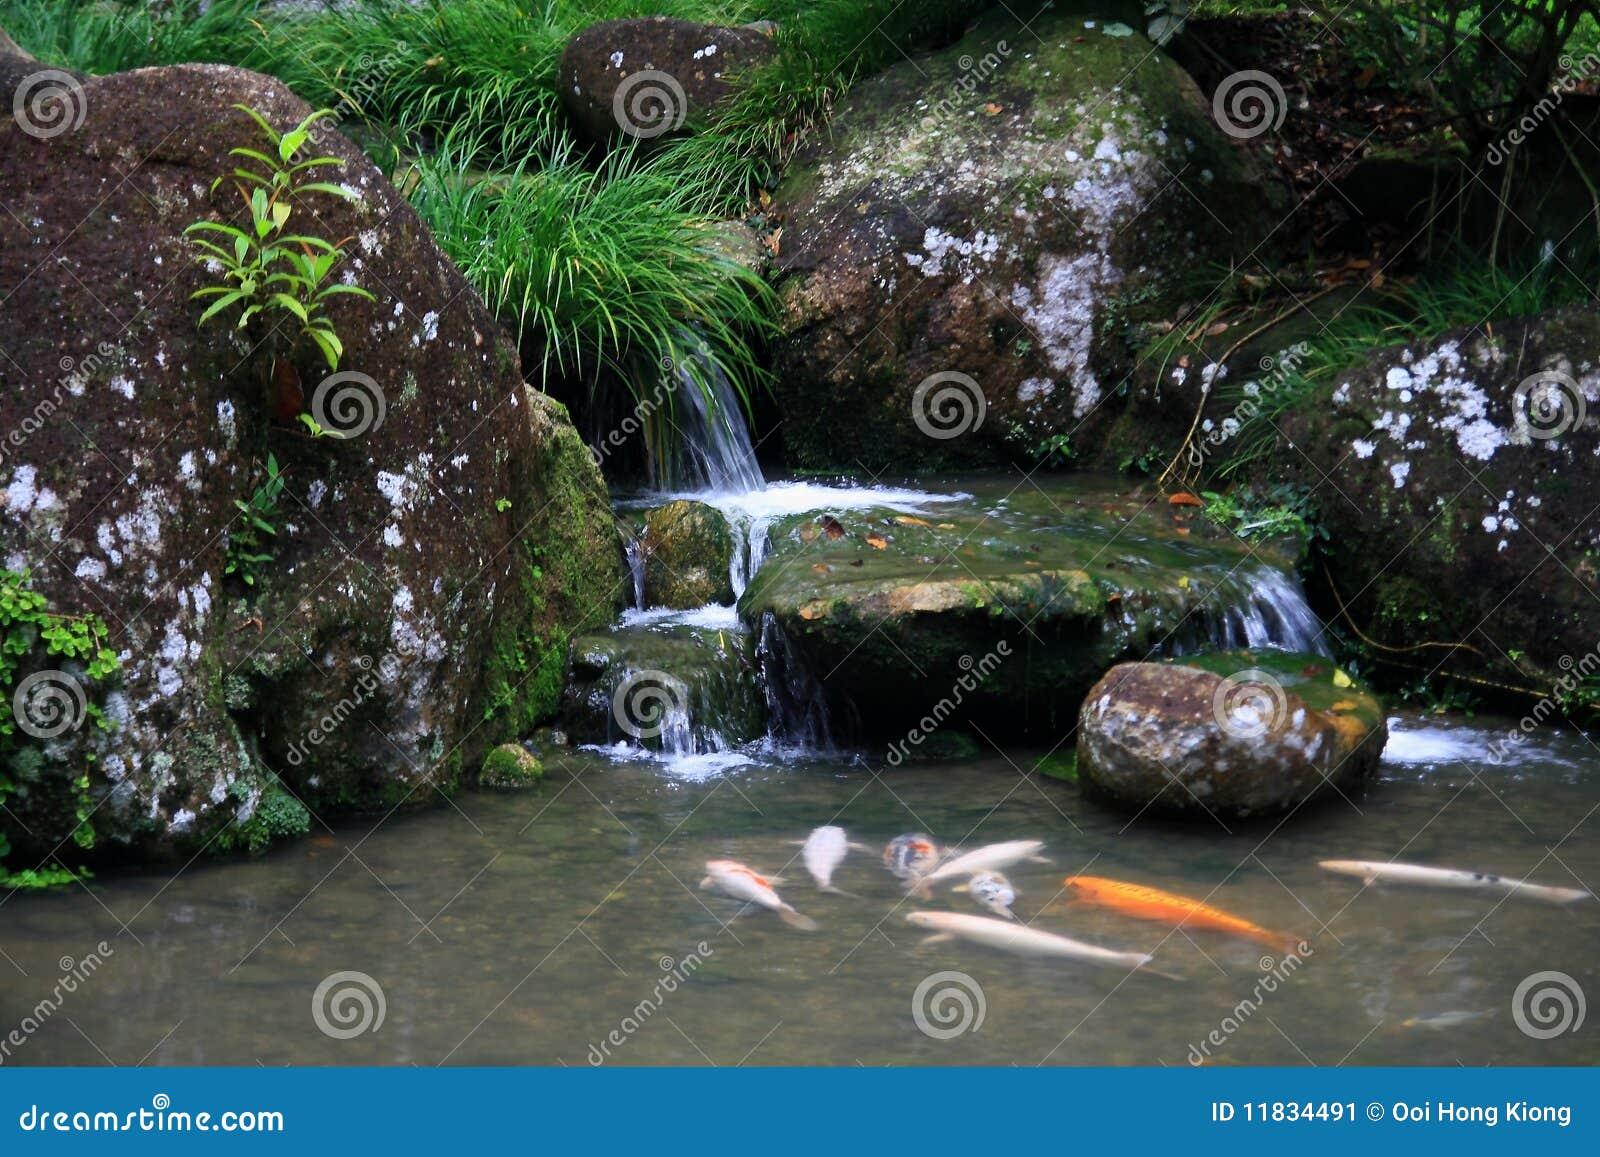 Jardin de th japonais cascade criture ligne par for Conception jardin en ligne